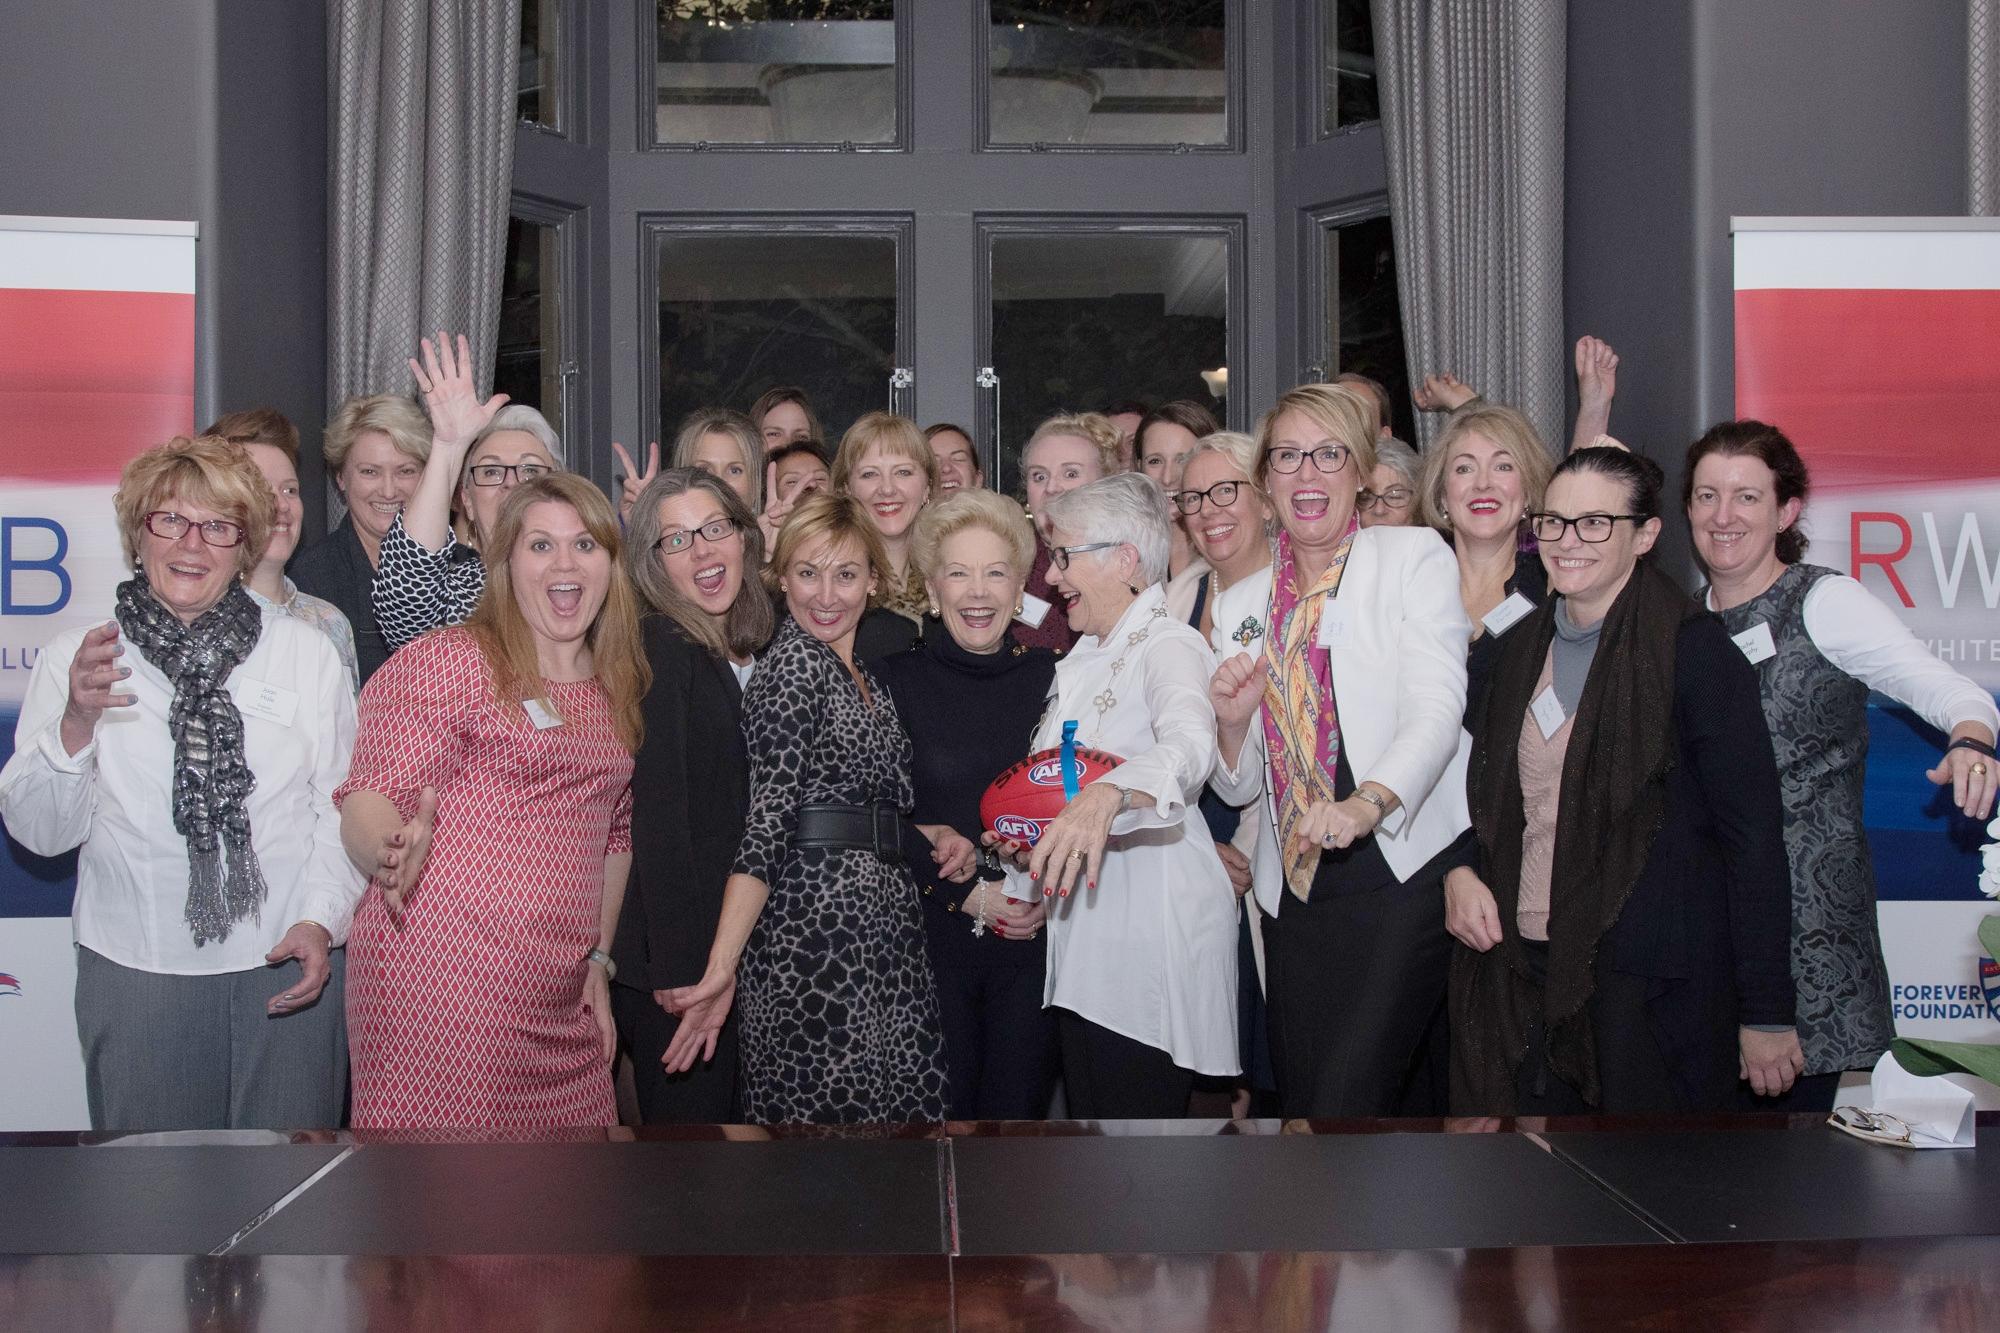 May 9, 2017 - Women's membership drive